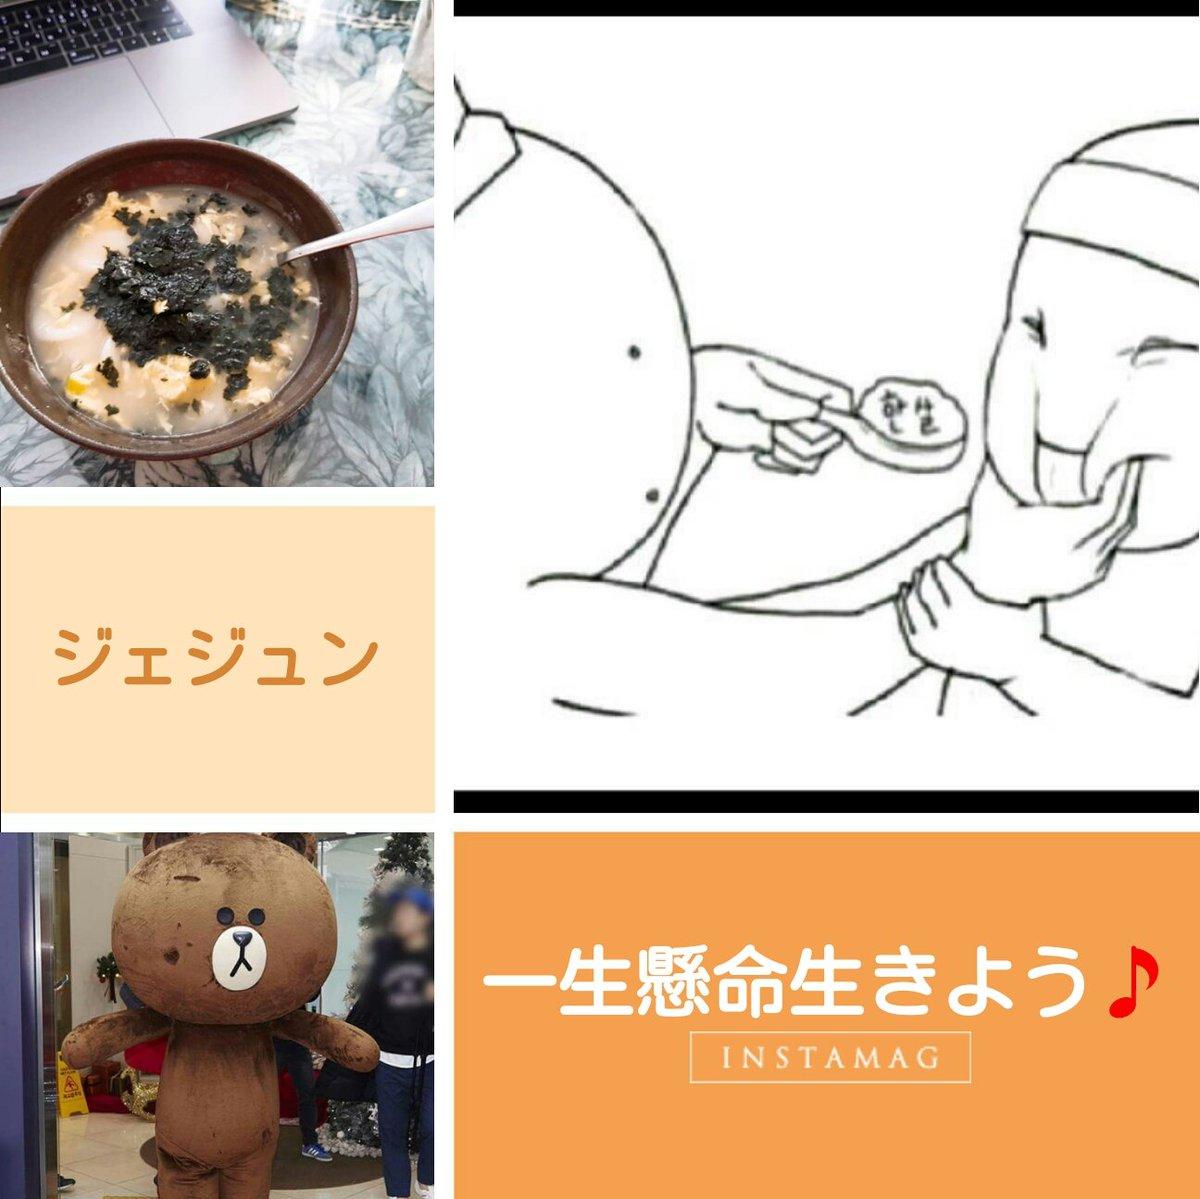 @bornfreeonekiss  おはよー 新年第一回目のインスタ ありがとー お雑煮いっぱい食べて 一生懸命生きよう 長生きしよう 約束よ #大好きなジェジュン  #新年第一回目のインスタ  #お雑煮 #一生懸命生きよう  #長生きしよう #いつも #ありがとう #日本でずっと待ってますpic.twitter.com/hLe1vIl5U4